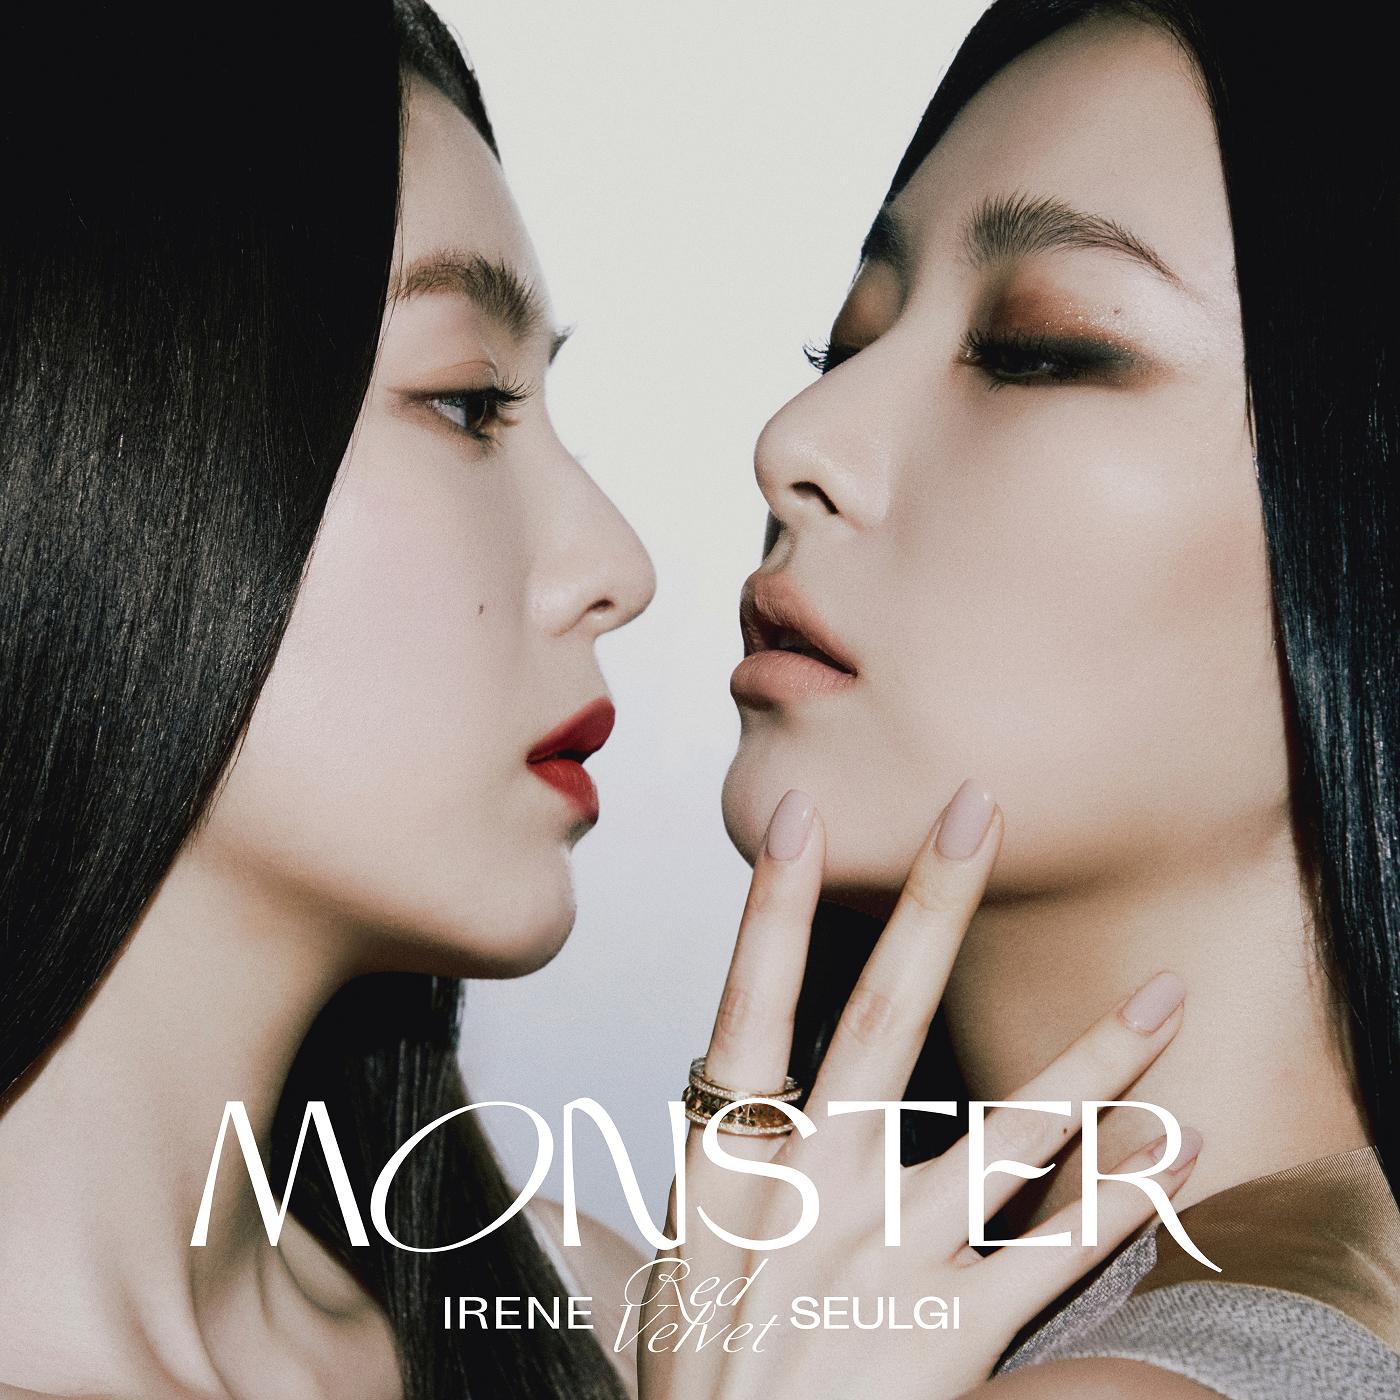 Monster (Red Velvet - Irene & Seulgi) | Kpop Wiki | Fandom